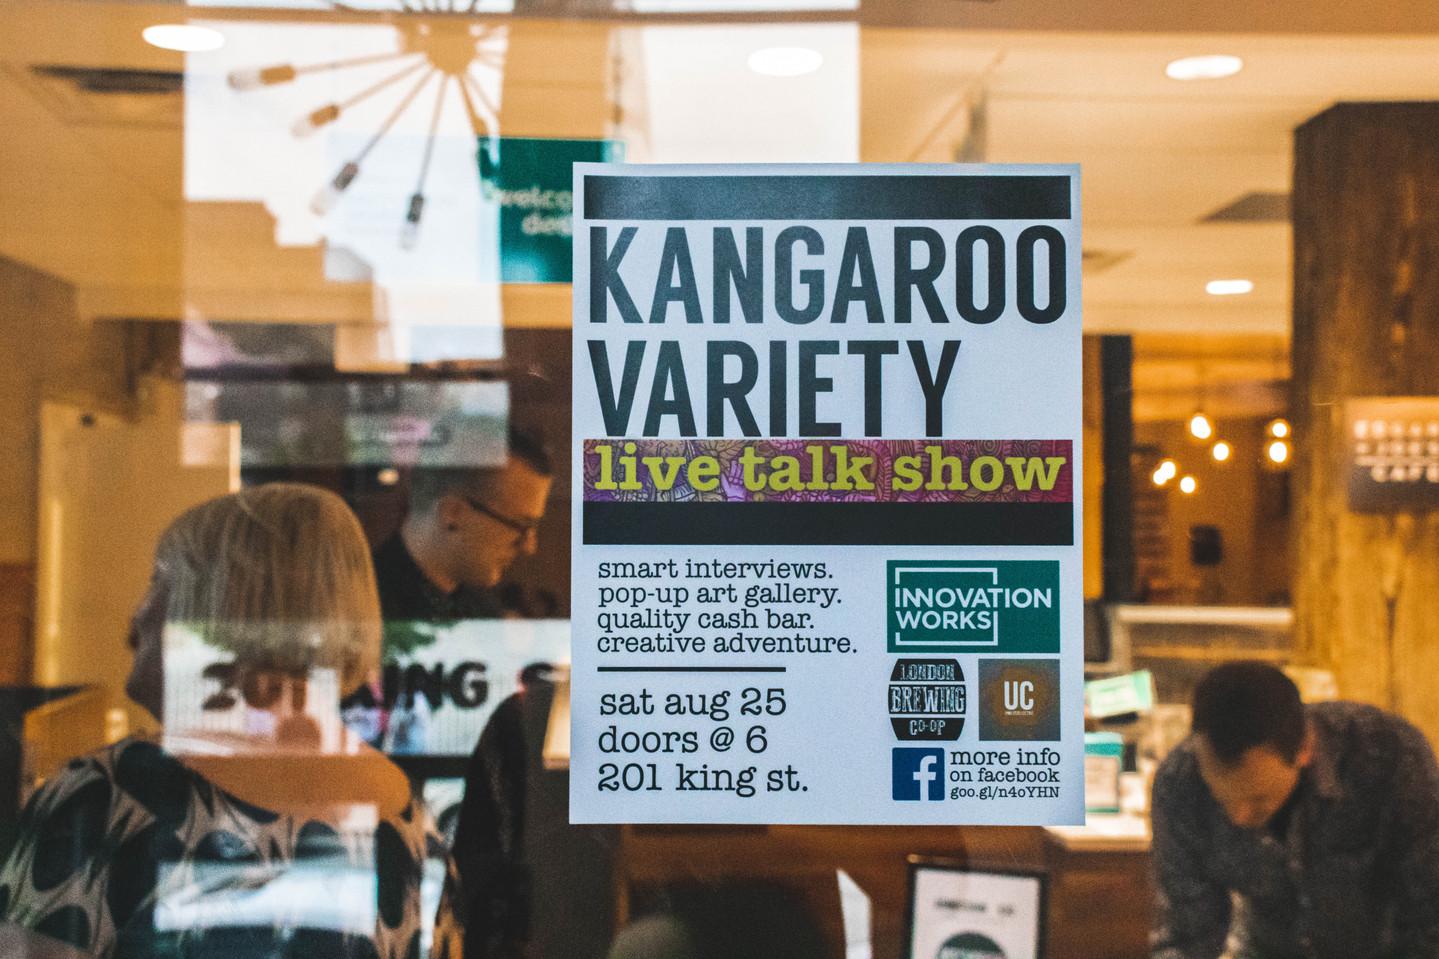 Kangaroo Variety @ Innovation Works